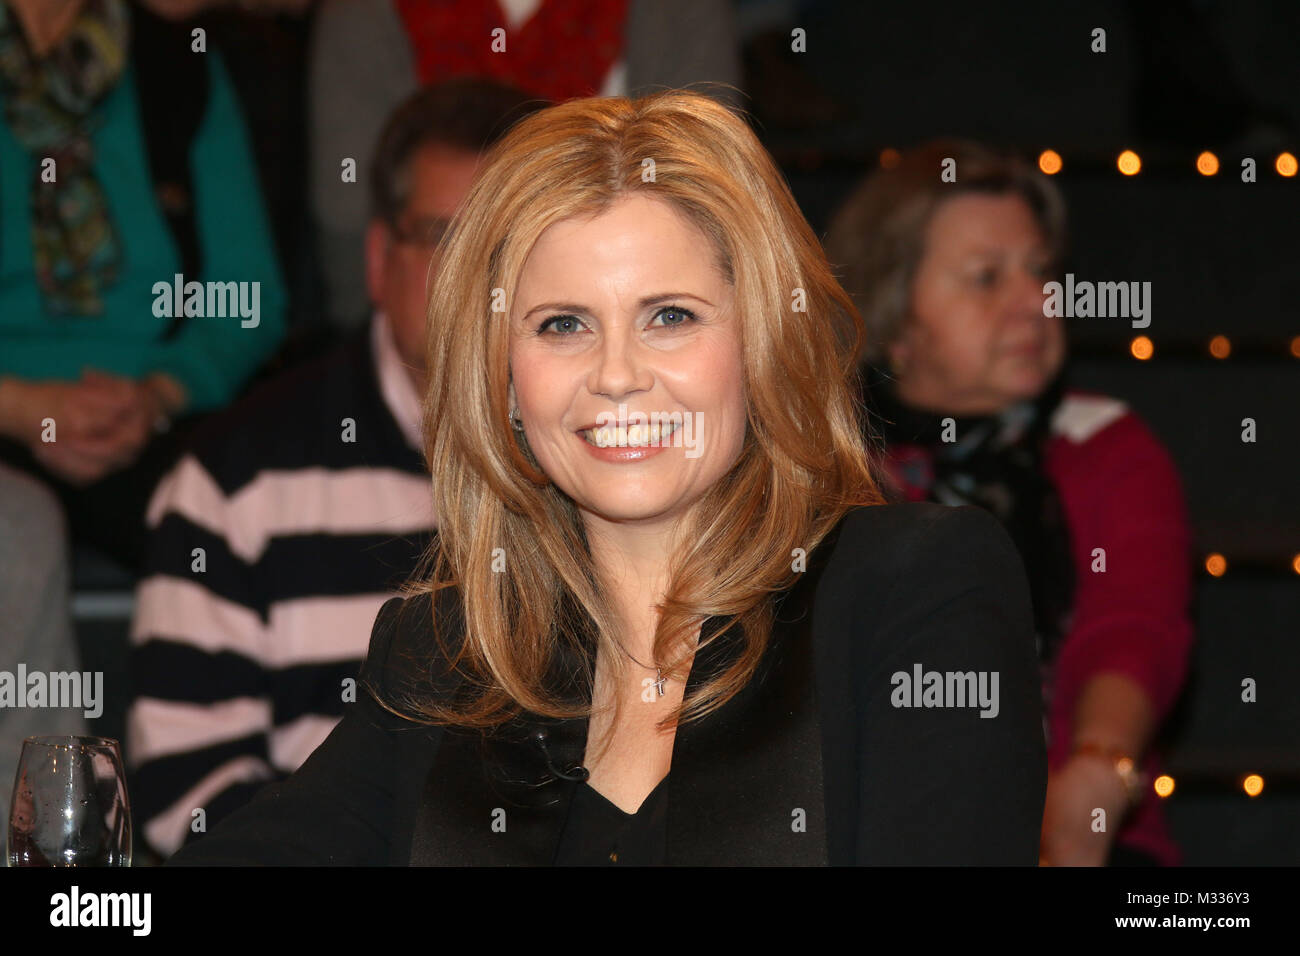 Michaela Schaffrath (Schauspielerin), Lanz, Aufzeichnung vom 22.01.2014, Hamburg Stock Photo